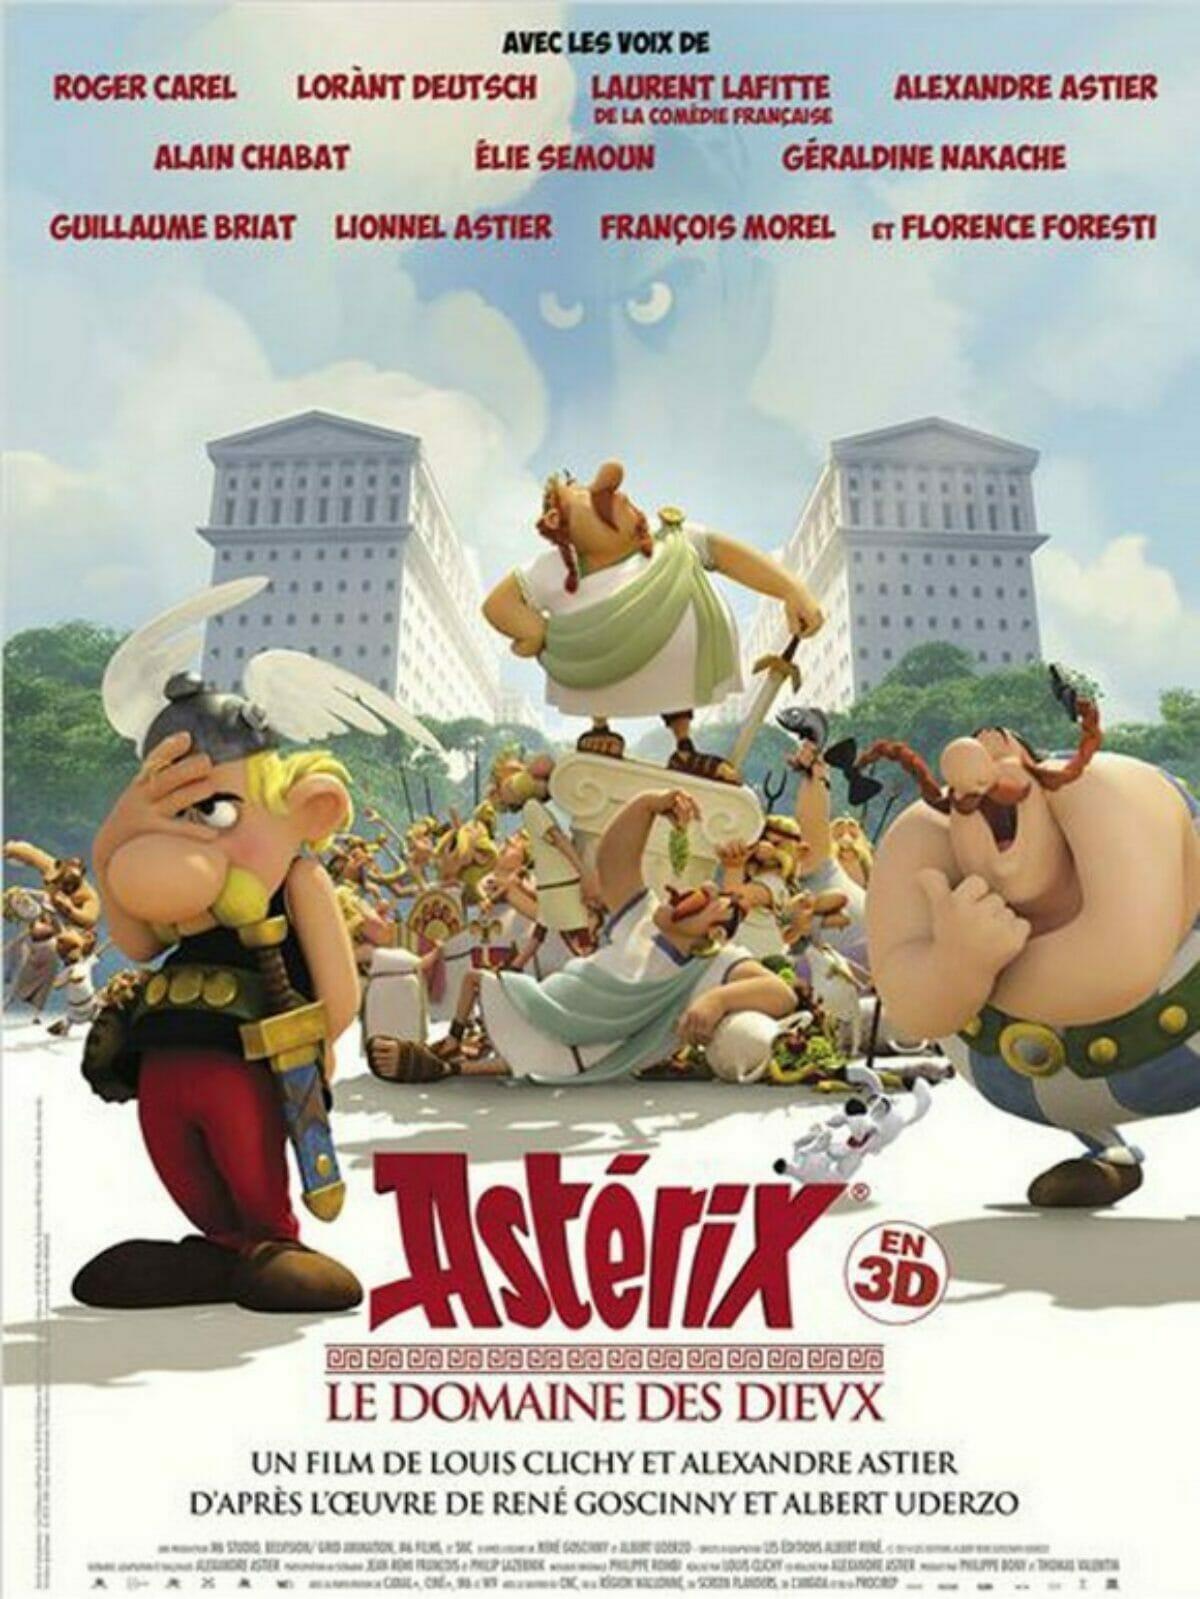 Astérix-affiche